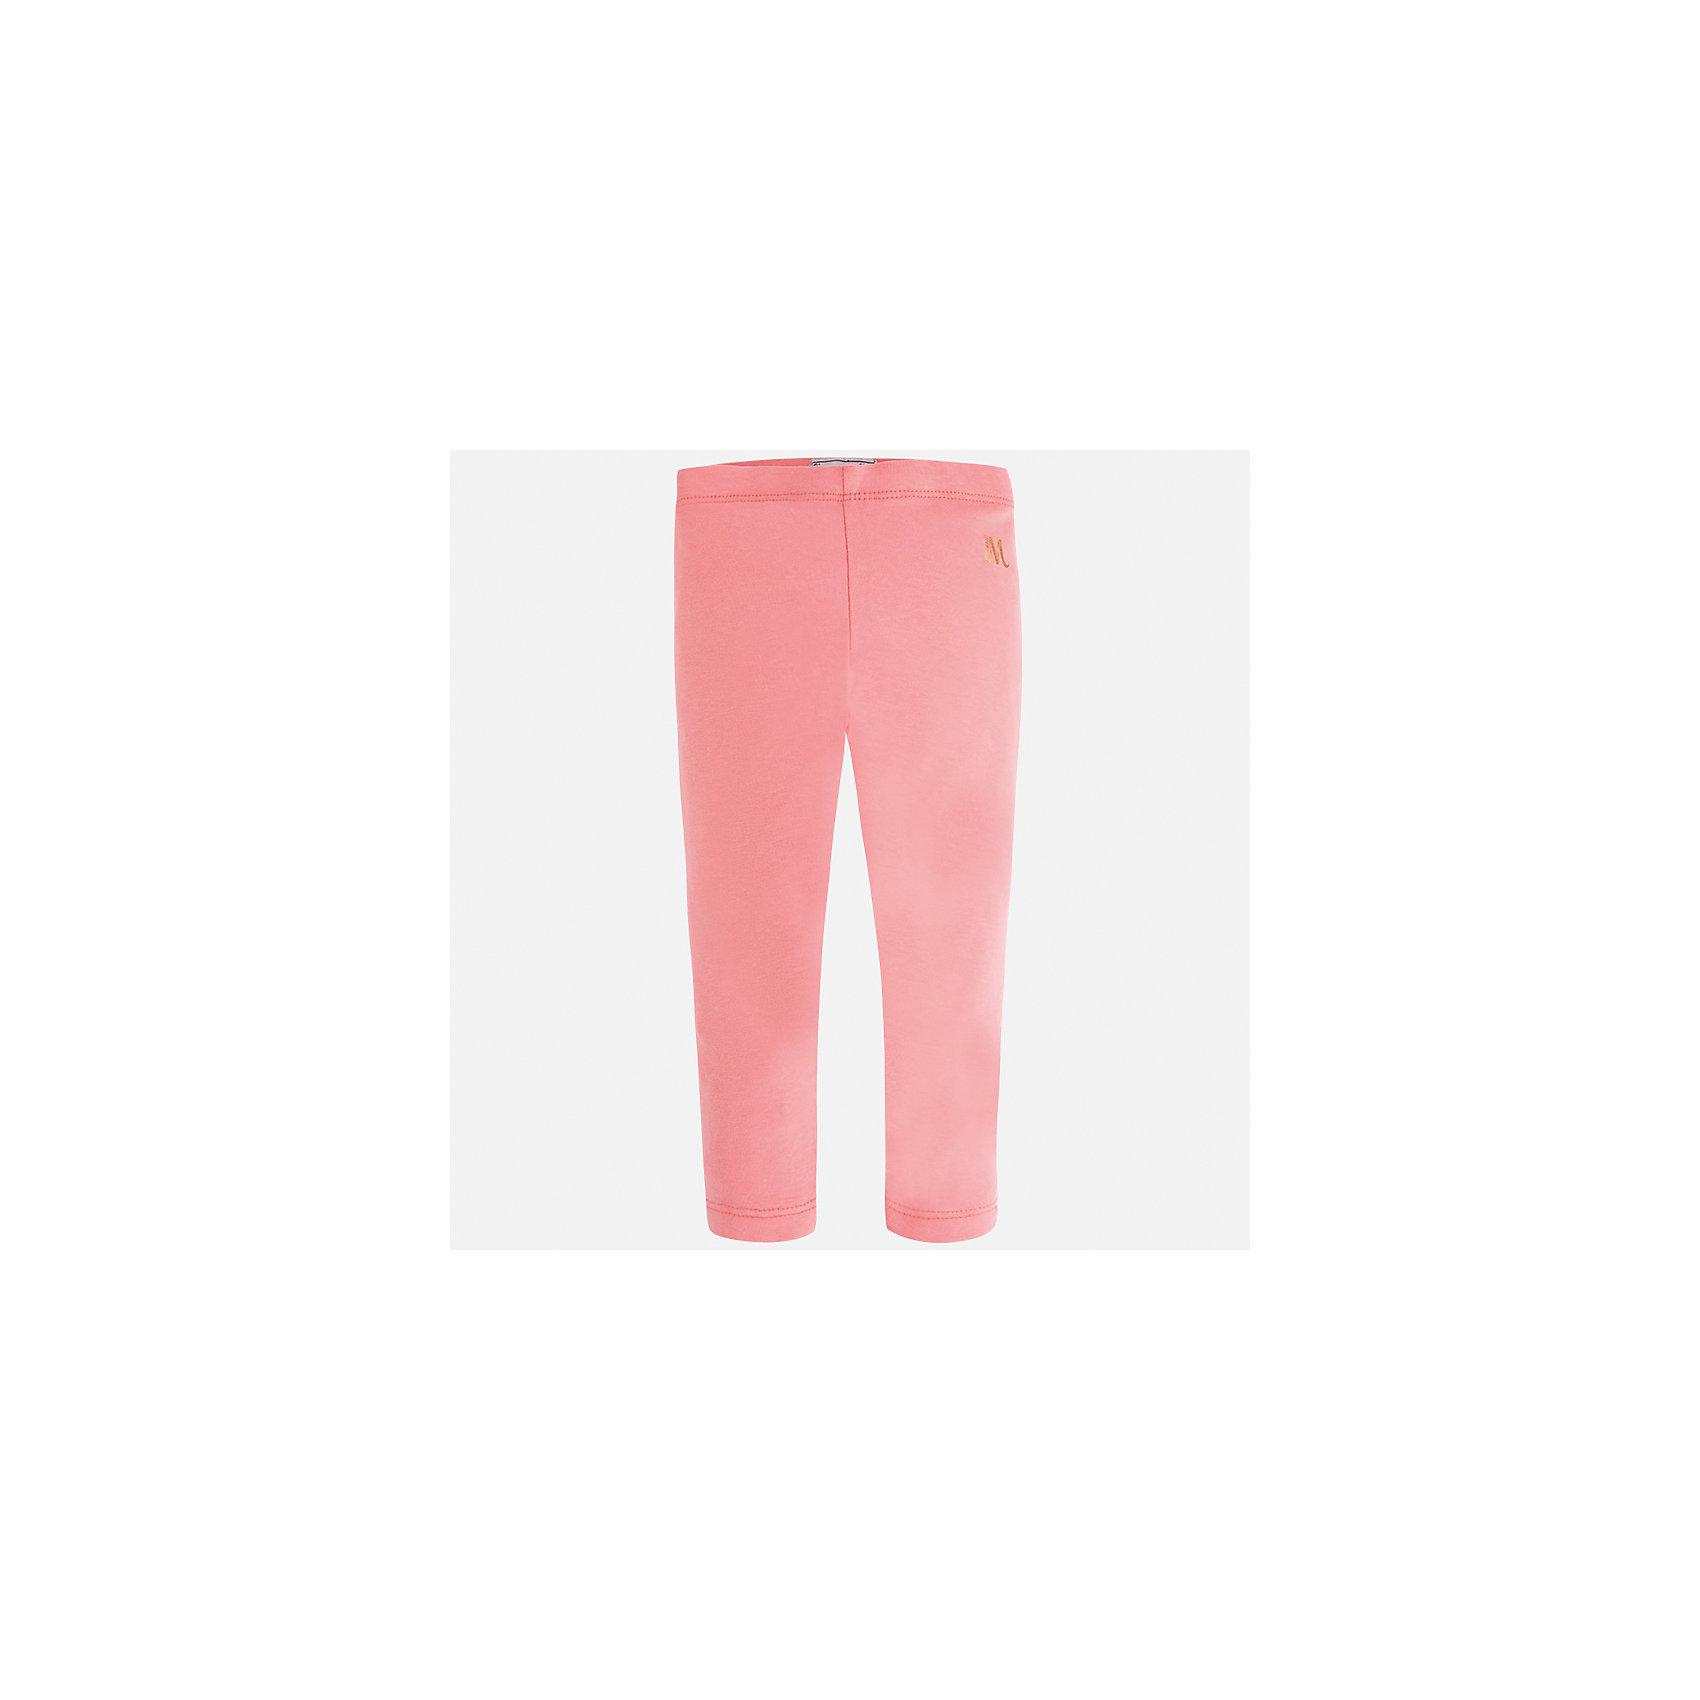 Леггинсы для девочки MayoralХарактеристики товара:<br><br>• цвет: розовый<br>• состав: 85% хлопок, 10% вискоза, 5% эластан<br>• удобная посадка<br>• эластичный материал<br>• логотип<br>• страна бренда: Испания<br><br>Модные леггинсы для девочки смогут разнообразить гардероб ребенка и украсить наряд. Они отлично сочетаются с майками, футболками, блузками. Красивый оттенок позволяет подобрать к вещи верх разных расцветок. Леггинсы отлично сидят и не стесняют движения.<br><br>Одежда, обувь и аксессуары от испанского бренда Mayoral полюбились детям и взрослым по всему миру. Модели этой марки - стильные и удобные. Для их производства используются только безопасные, качественные материалы и фурнитура. Порадуйте ребенка модными и красивыми вещами от Mayoral! <br><br>Леггинсы для девочки от испанского бренда Mayoral (Майорал) можно купить в нашем интернет-магазине.<br><br>Ширина мм: 123<br>Глубина мм: 10<br>Высота мм: 149<br>Вес г: 209<br>Цвет: розовый<br>Возраст от месяцев: 96<br>Возраст до месяцев: 108<br>Пол: Женский<br>Возраст: Детский<br>Размер: 134,92,98,104,110,116,122,128<br>SKU: 5288677